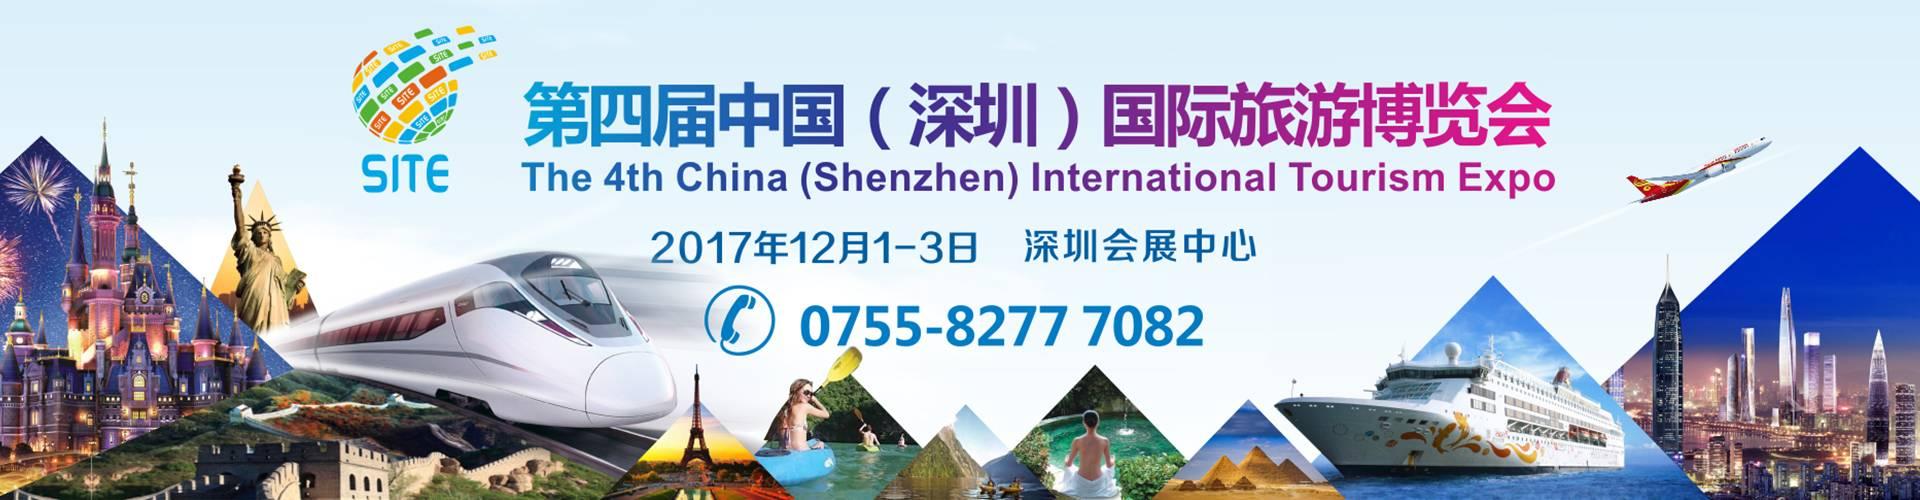 第四届中国(深圳)国际旅游博览会